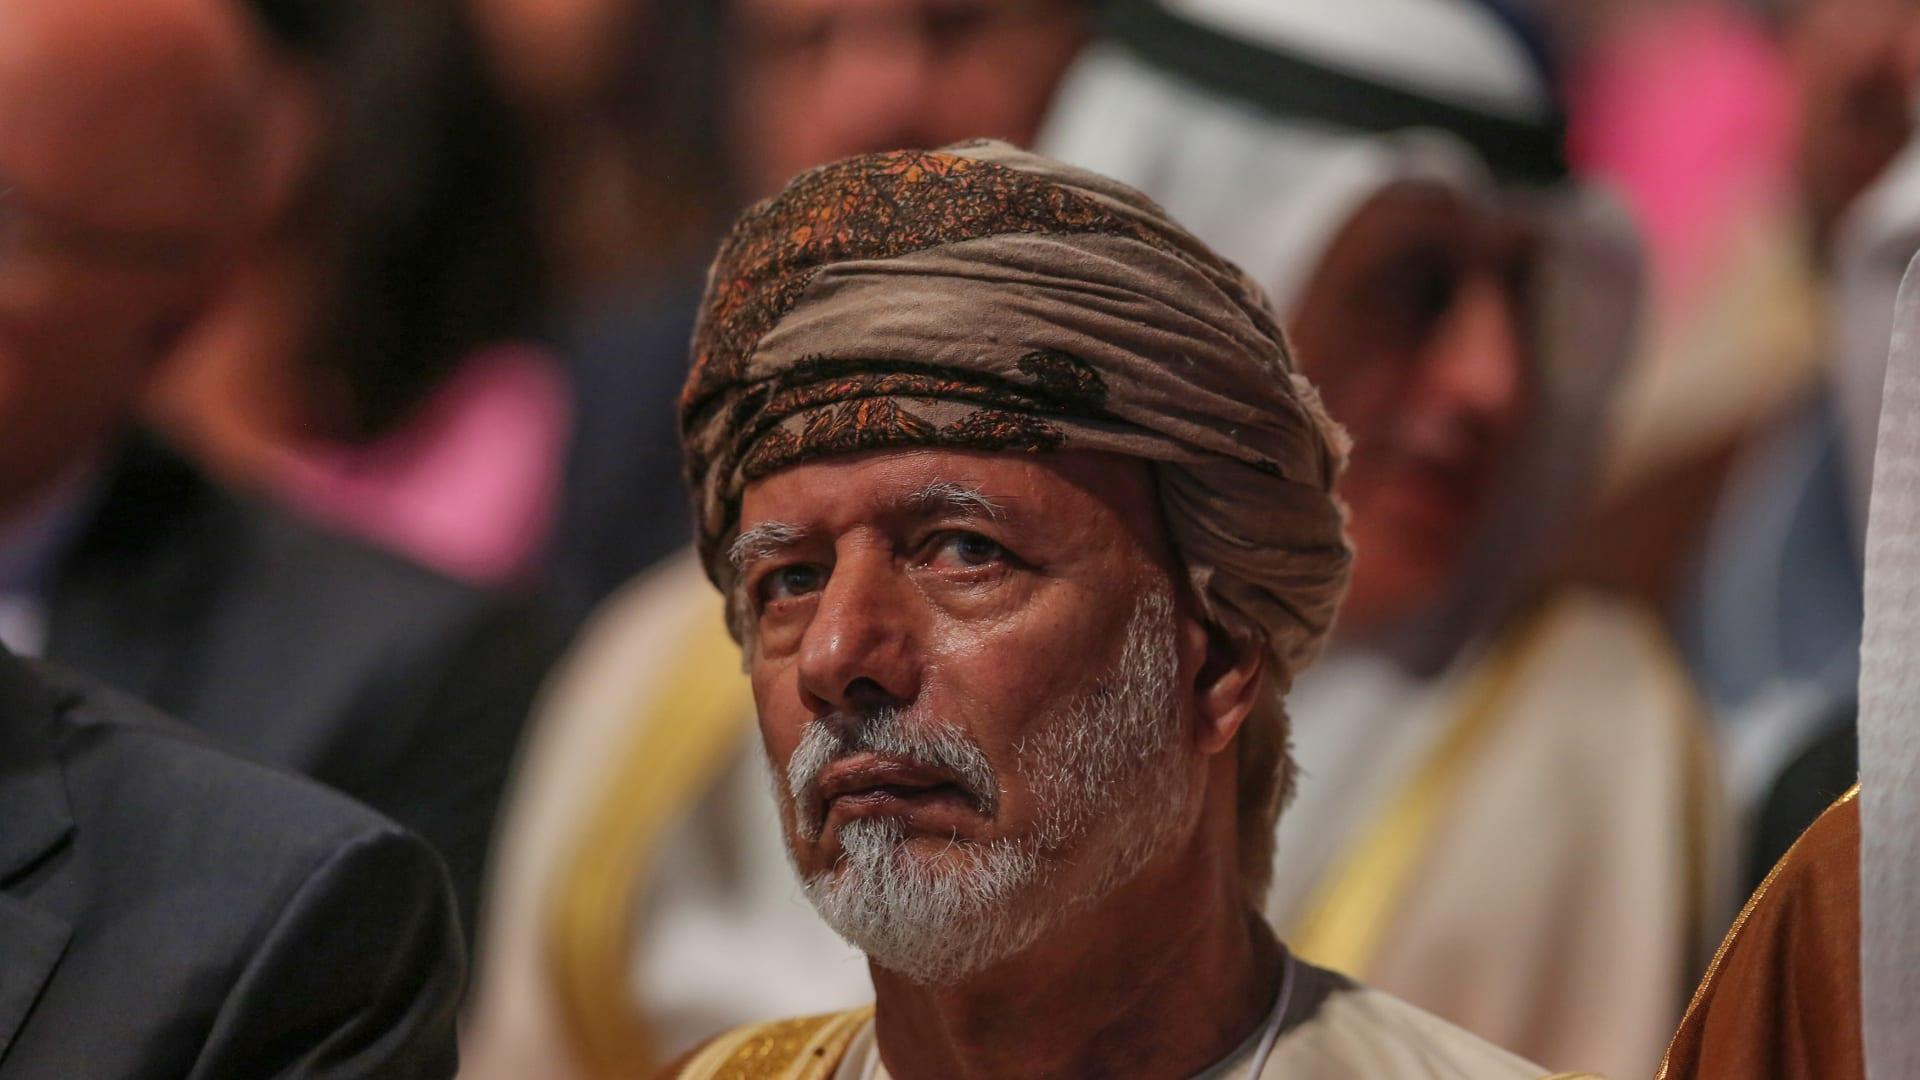 وزير خارجية عُمان السابق يوسف بن علوي